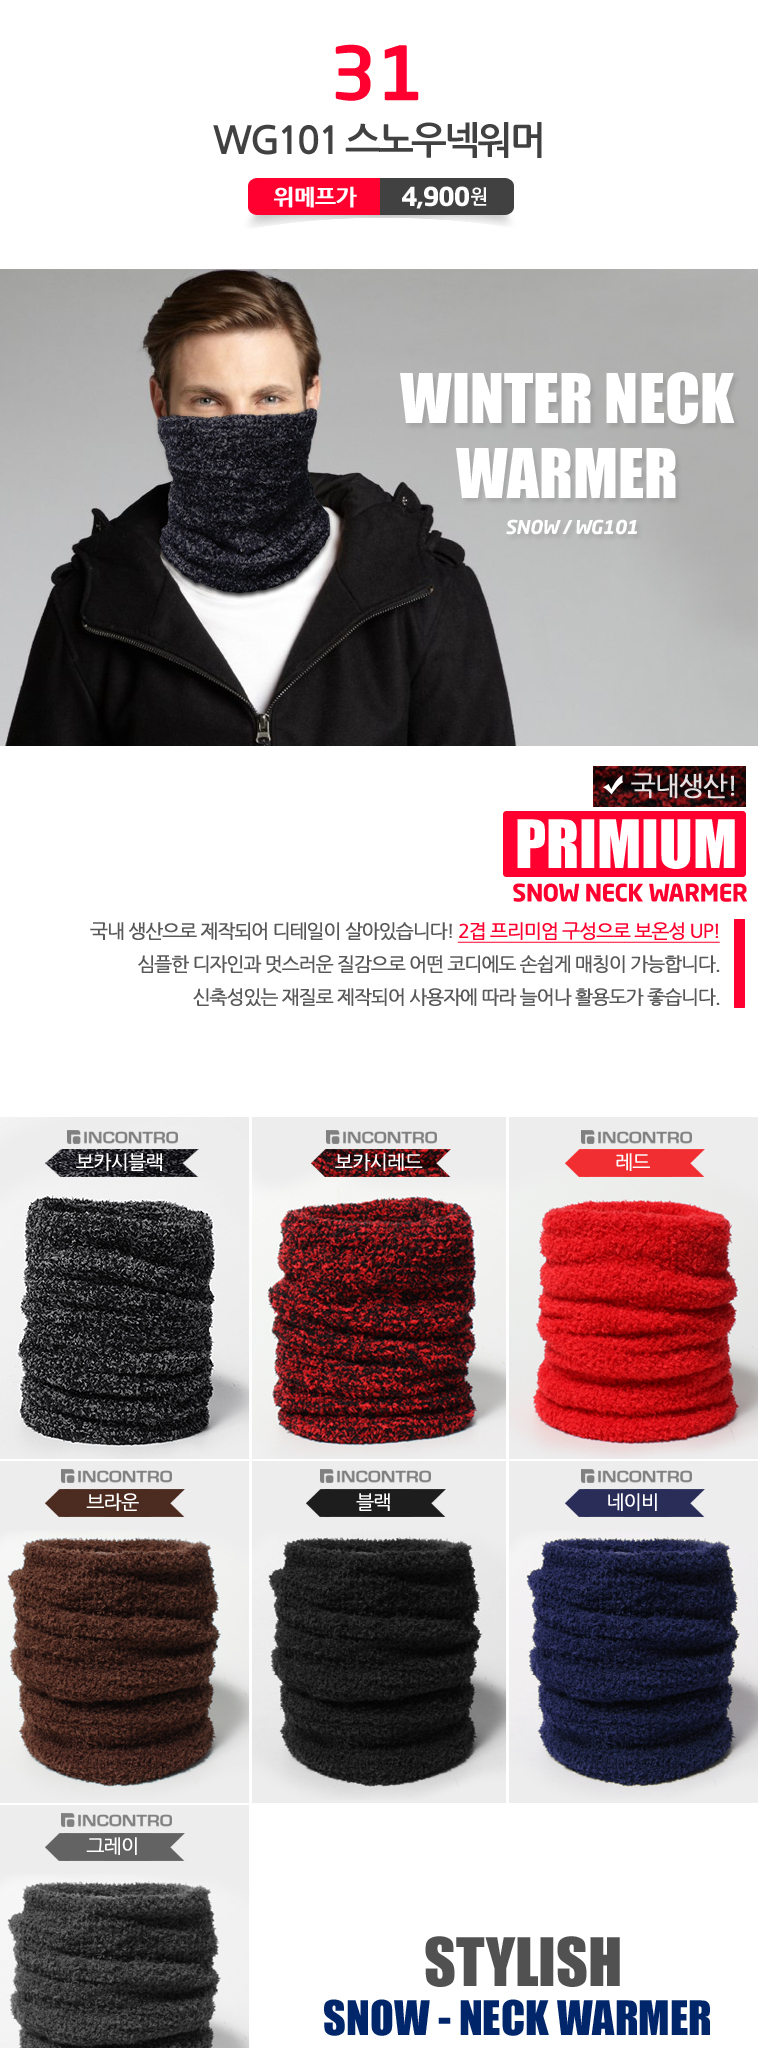 넥워머/터치장갑/방한장갑 컬렉션 - 상세정보